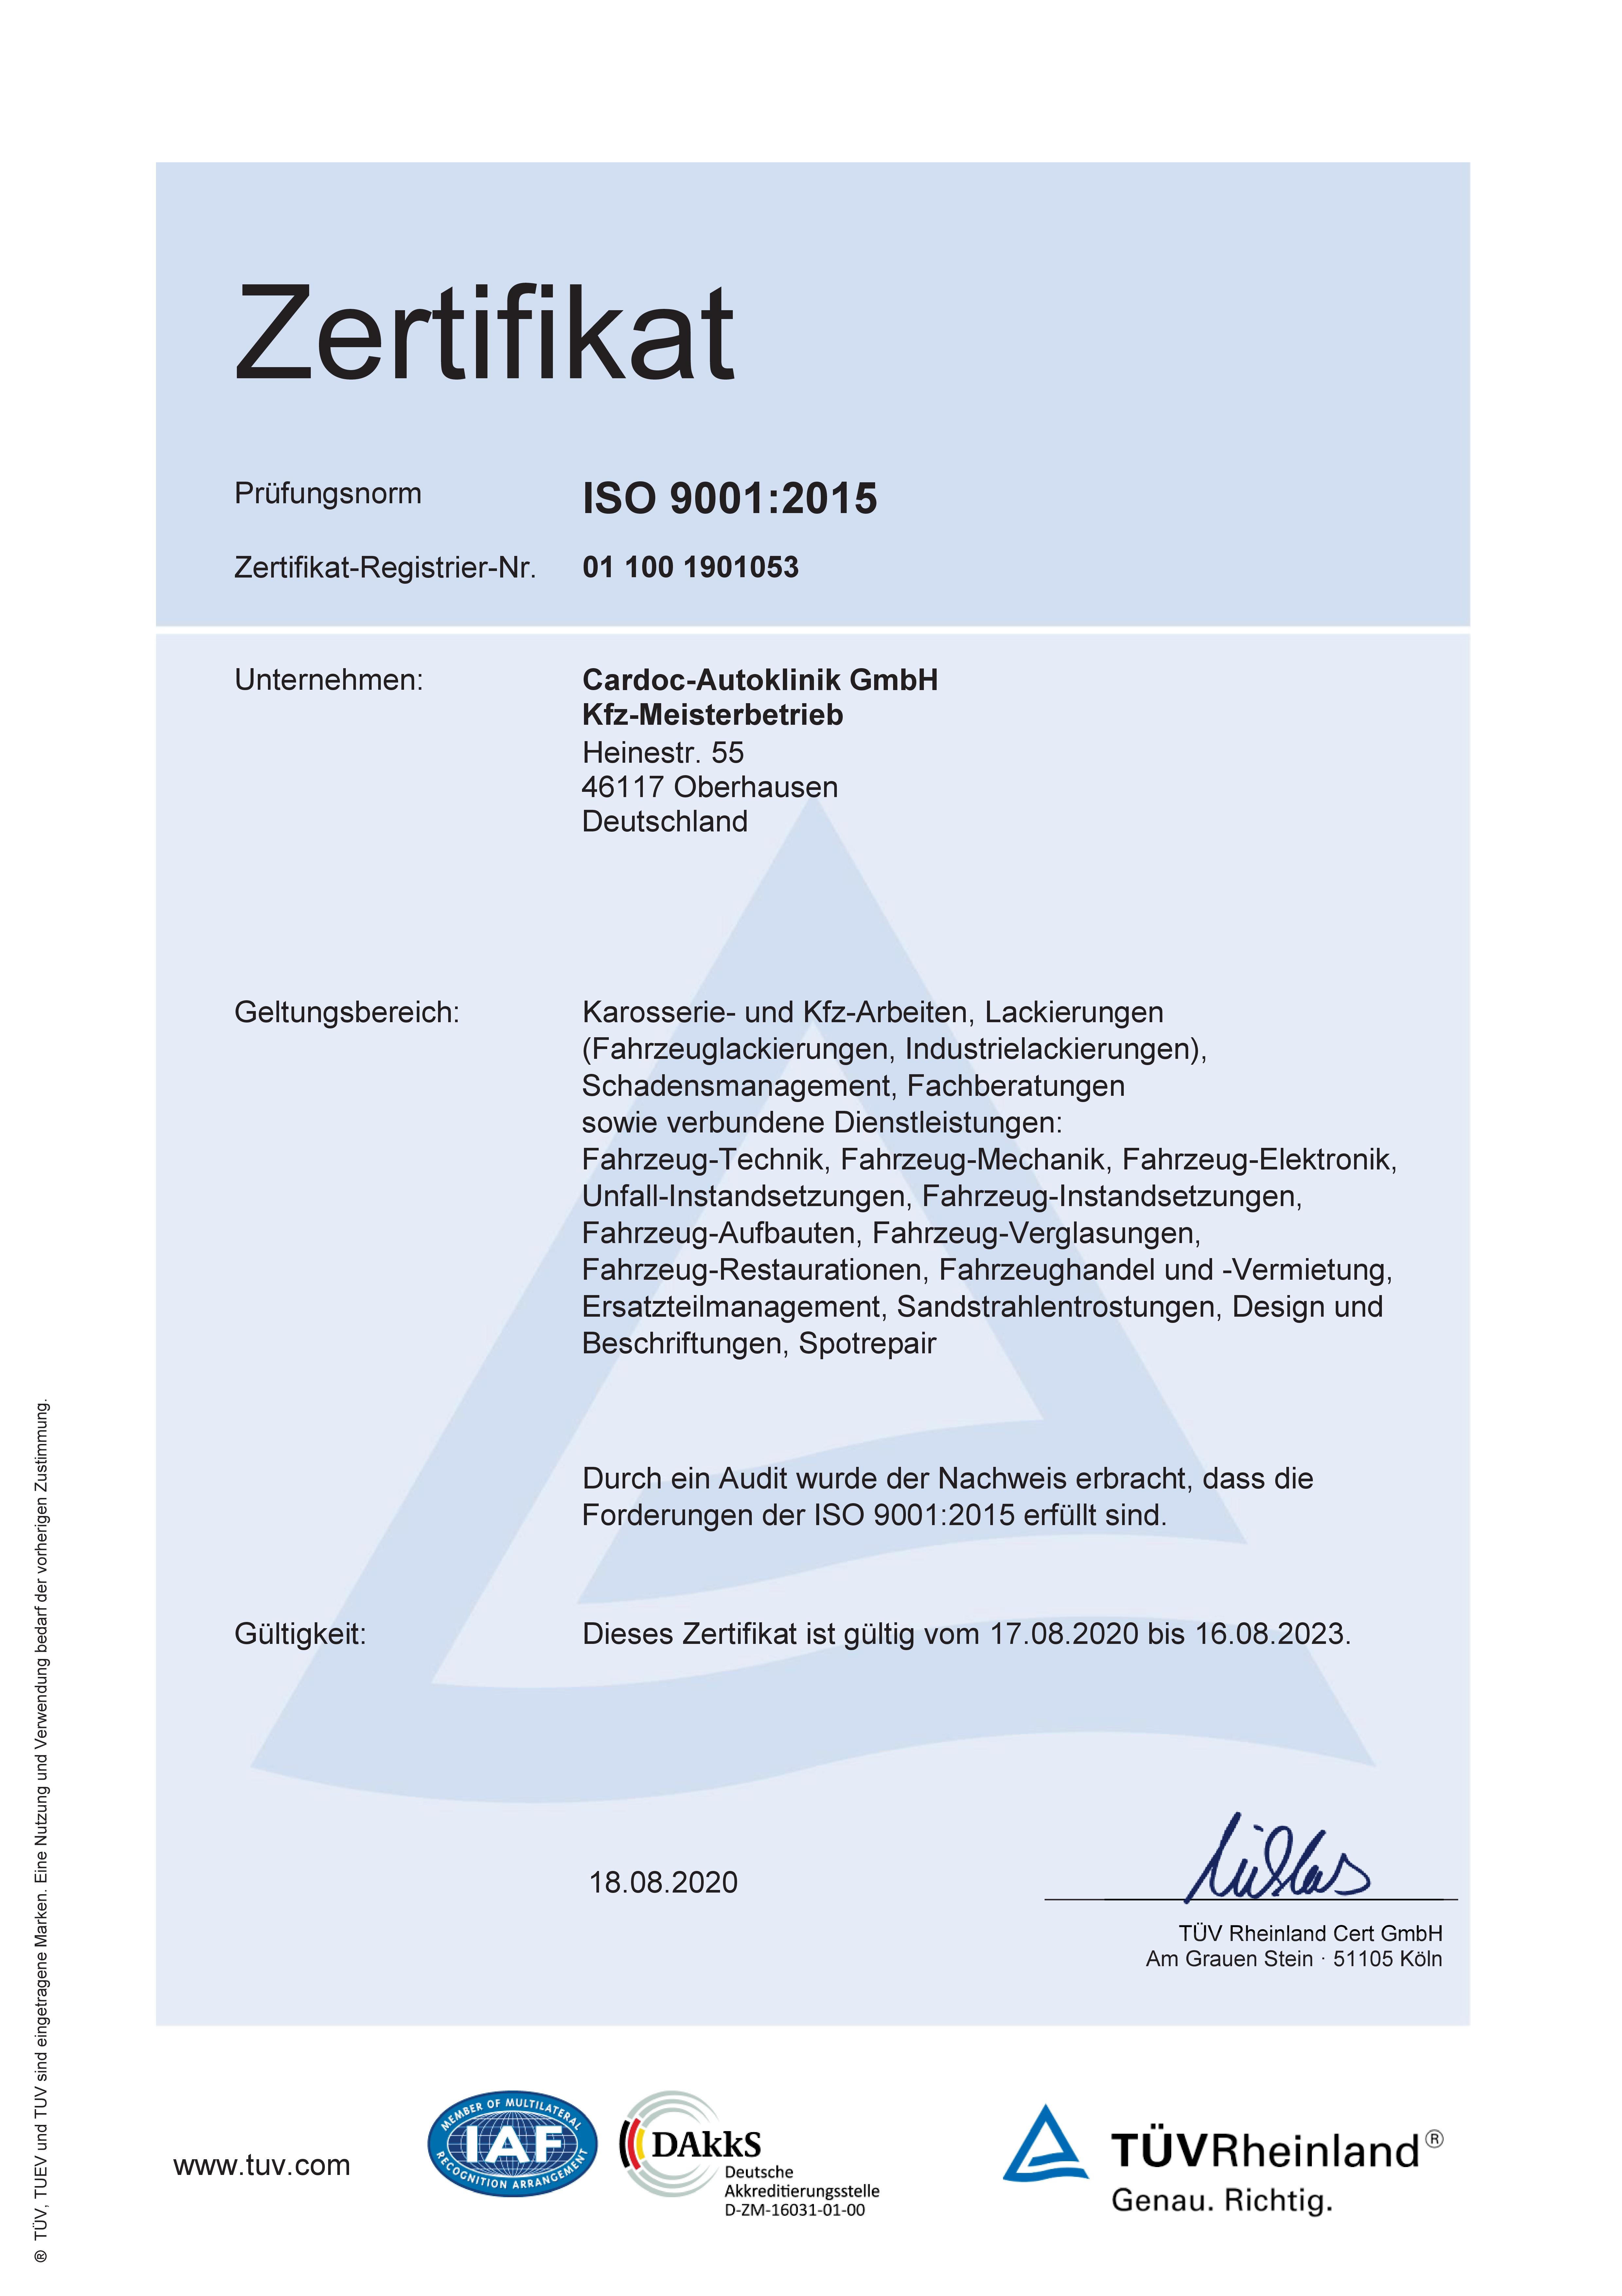 ISO Zertifikat 18.8.2020